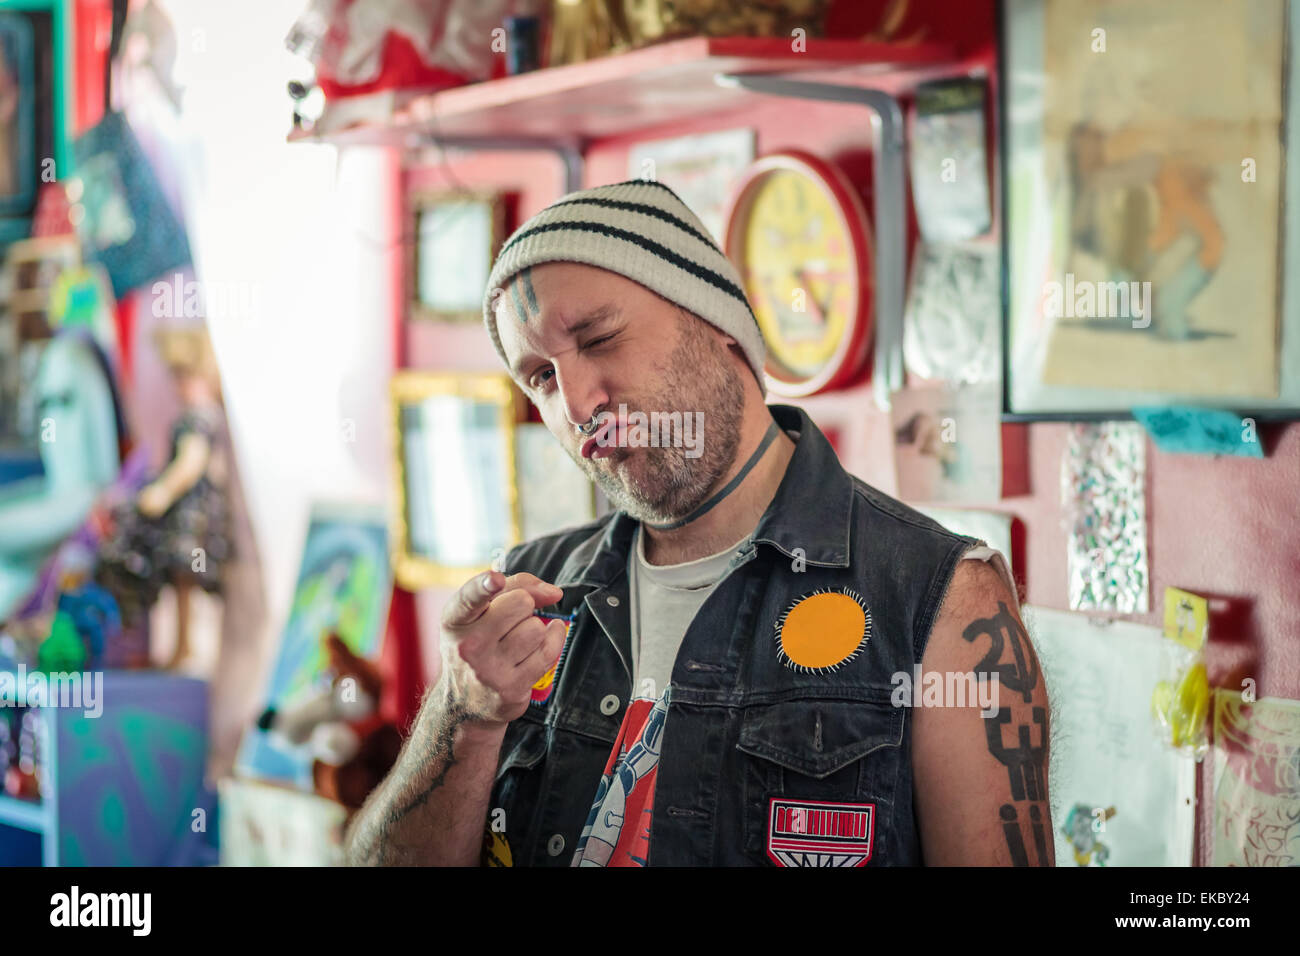 Ritratto di punk maschio negoziante winking in giocattolo vintage shop Immagini Stock